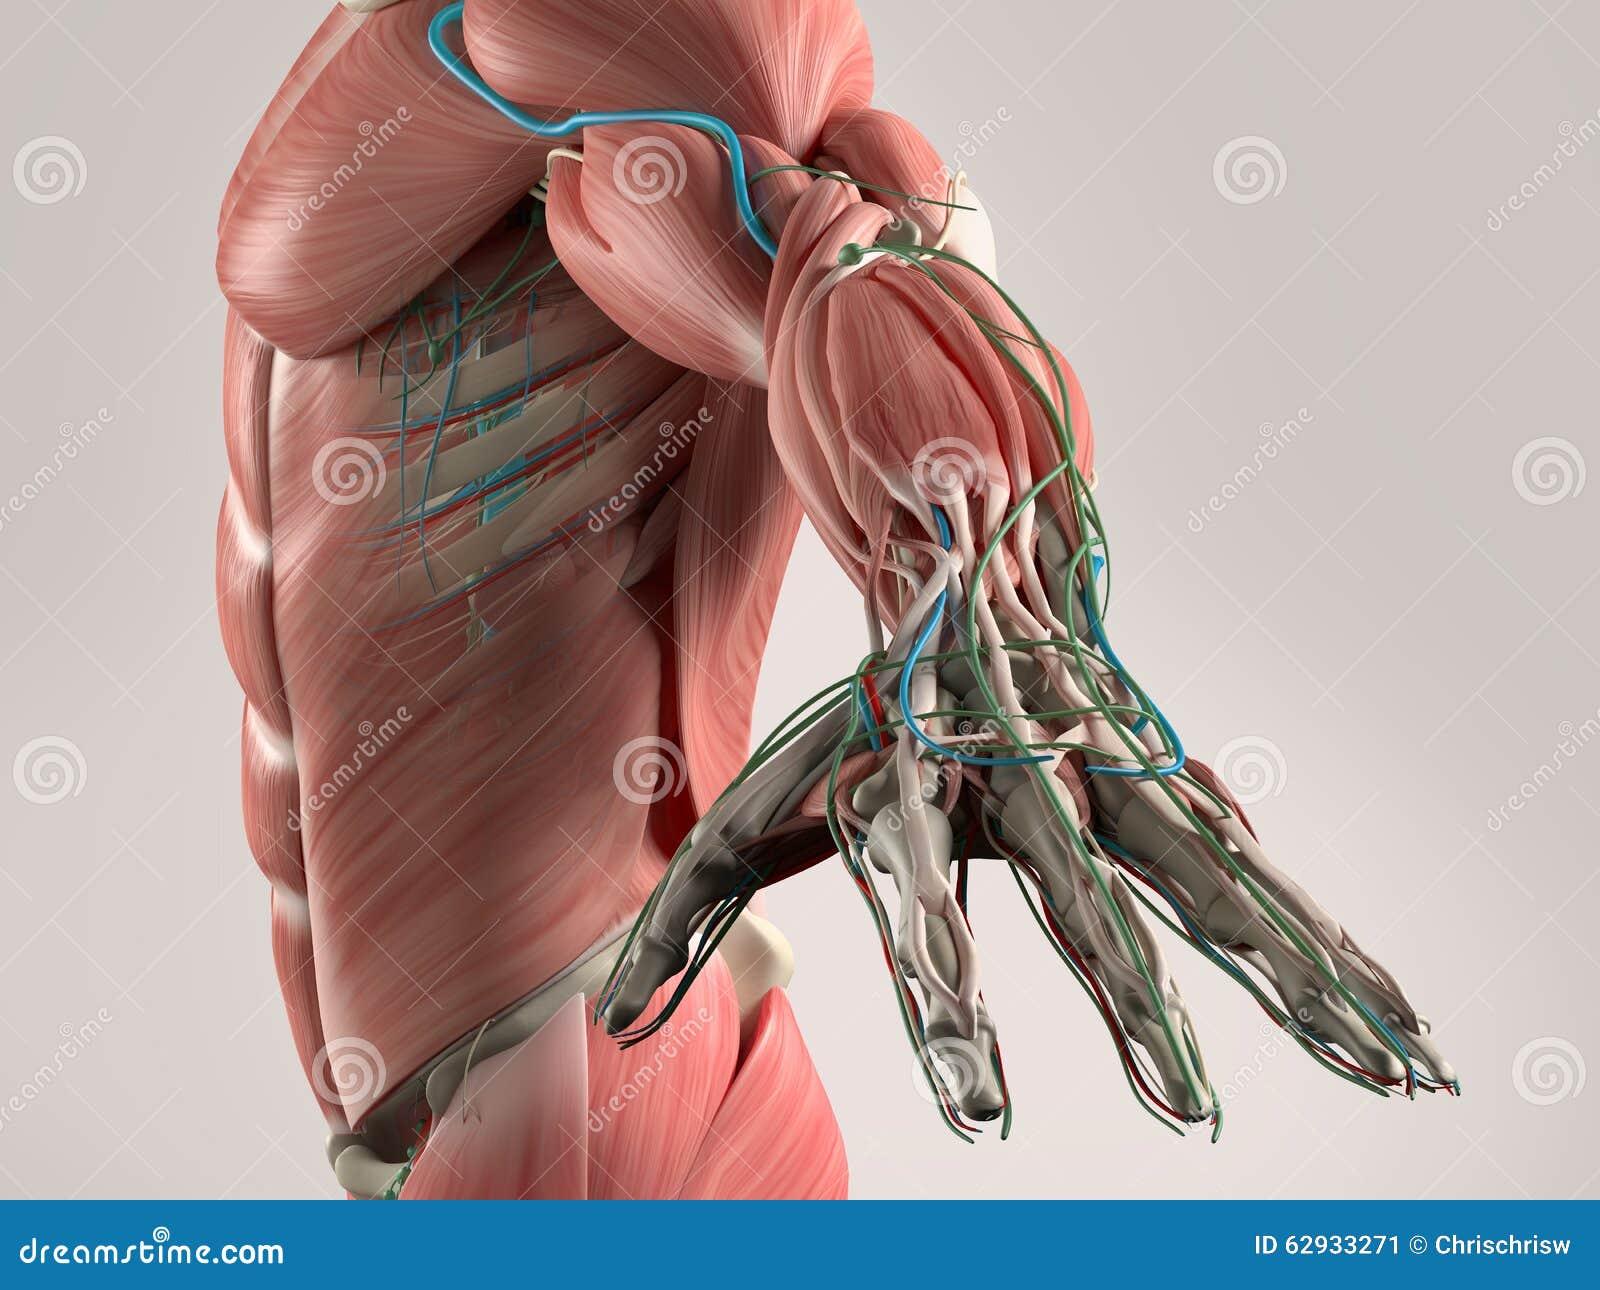 Detalle Humano De La Anatomía De La Rodilla Músculo En Fondo Llano ...